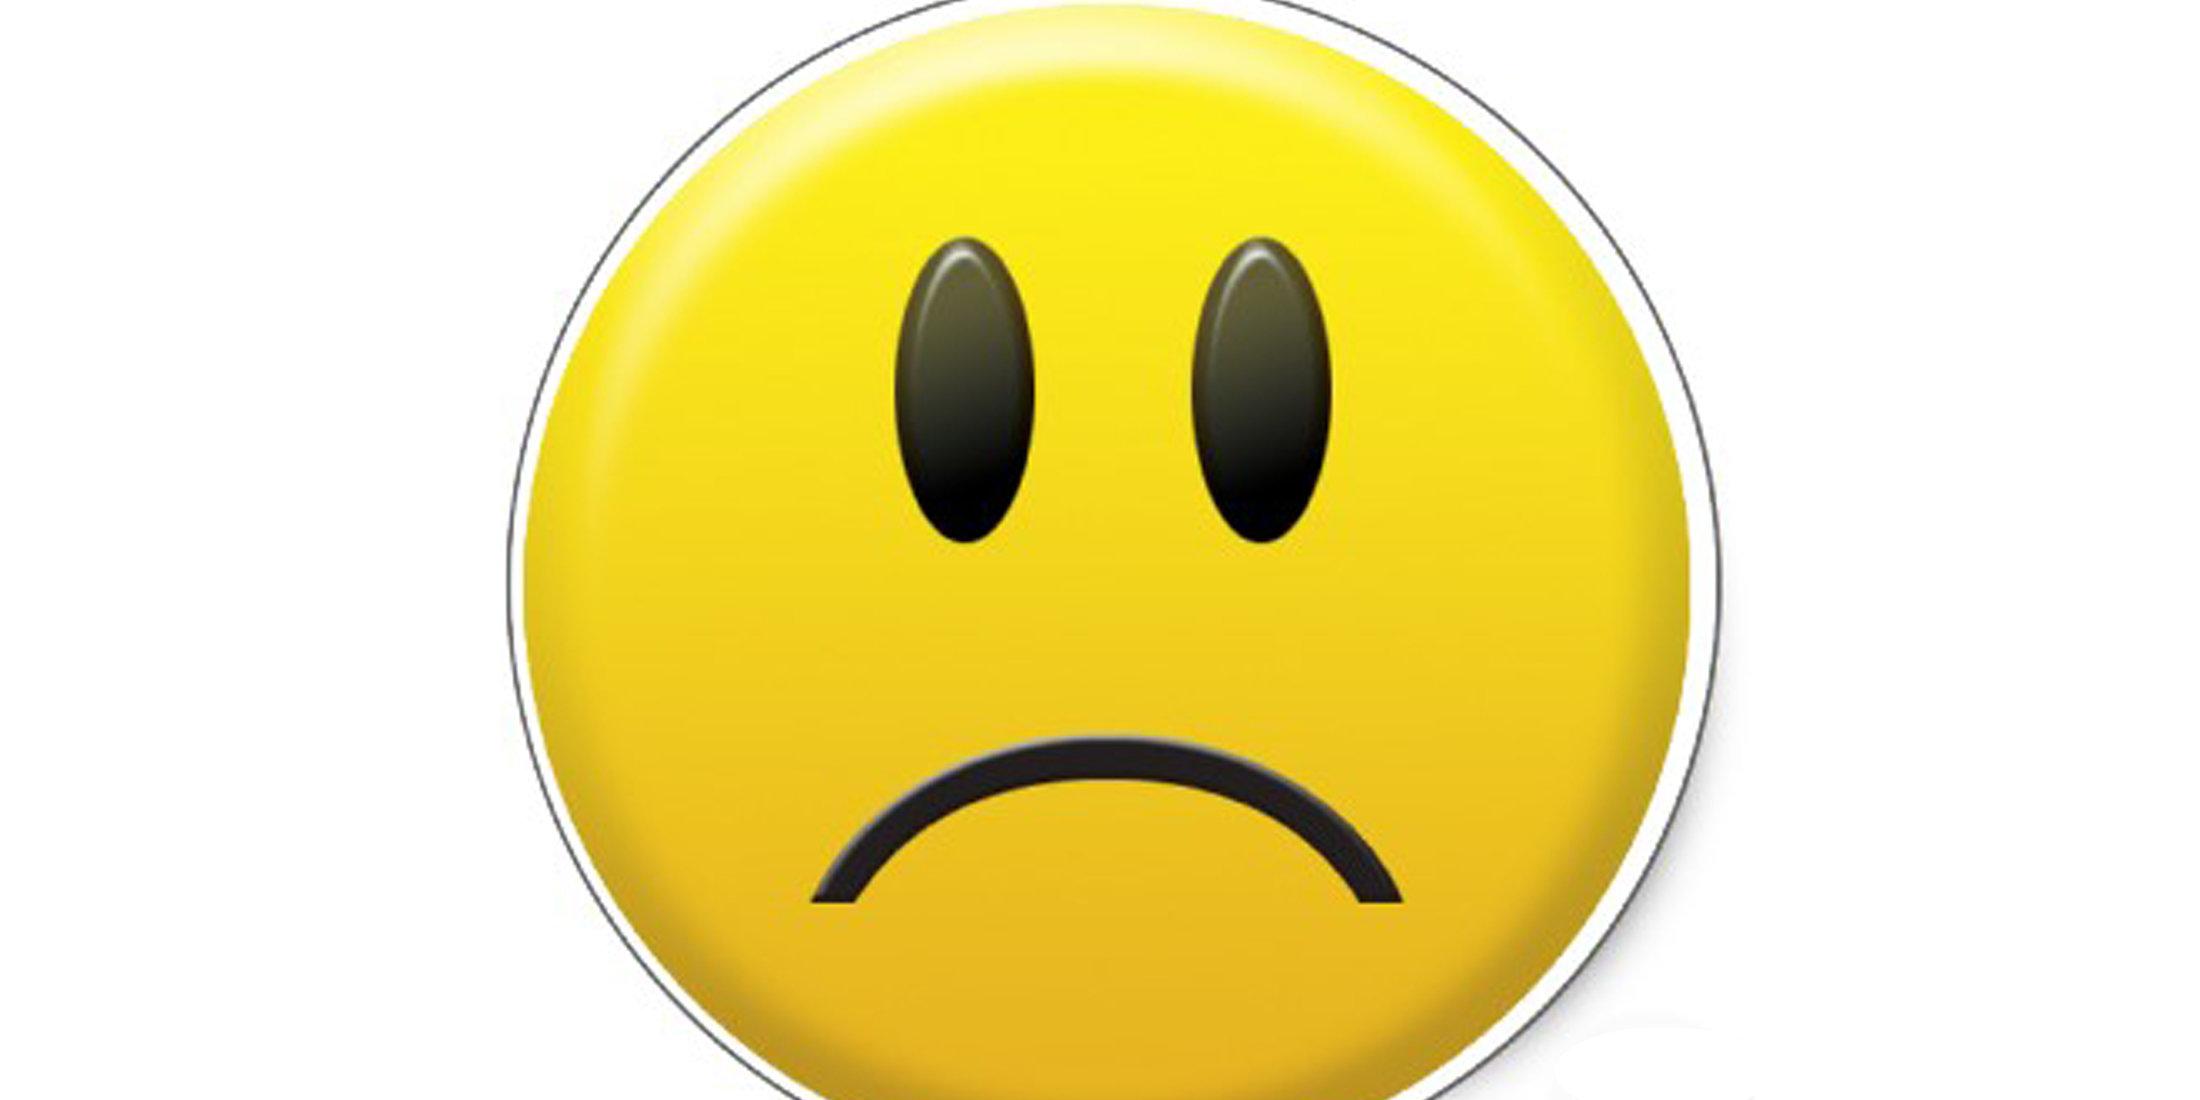 Sad Faces Wallpapers - WallpaperSafari Sad Face